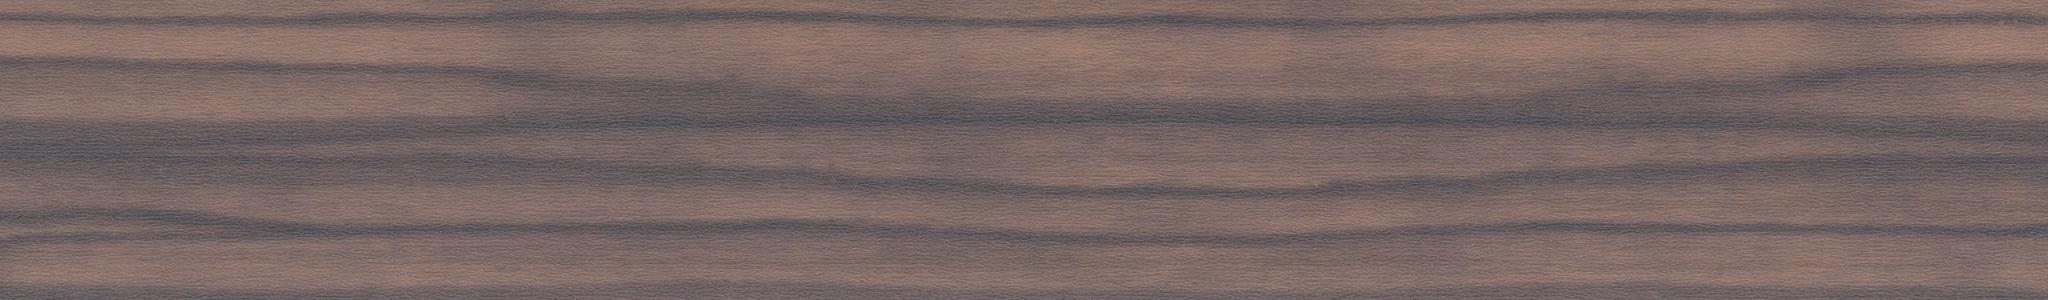 HD 285031 Кромка ABS Олива Испания Темная - Гладкая - Мягкая Матовая